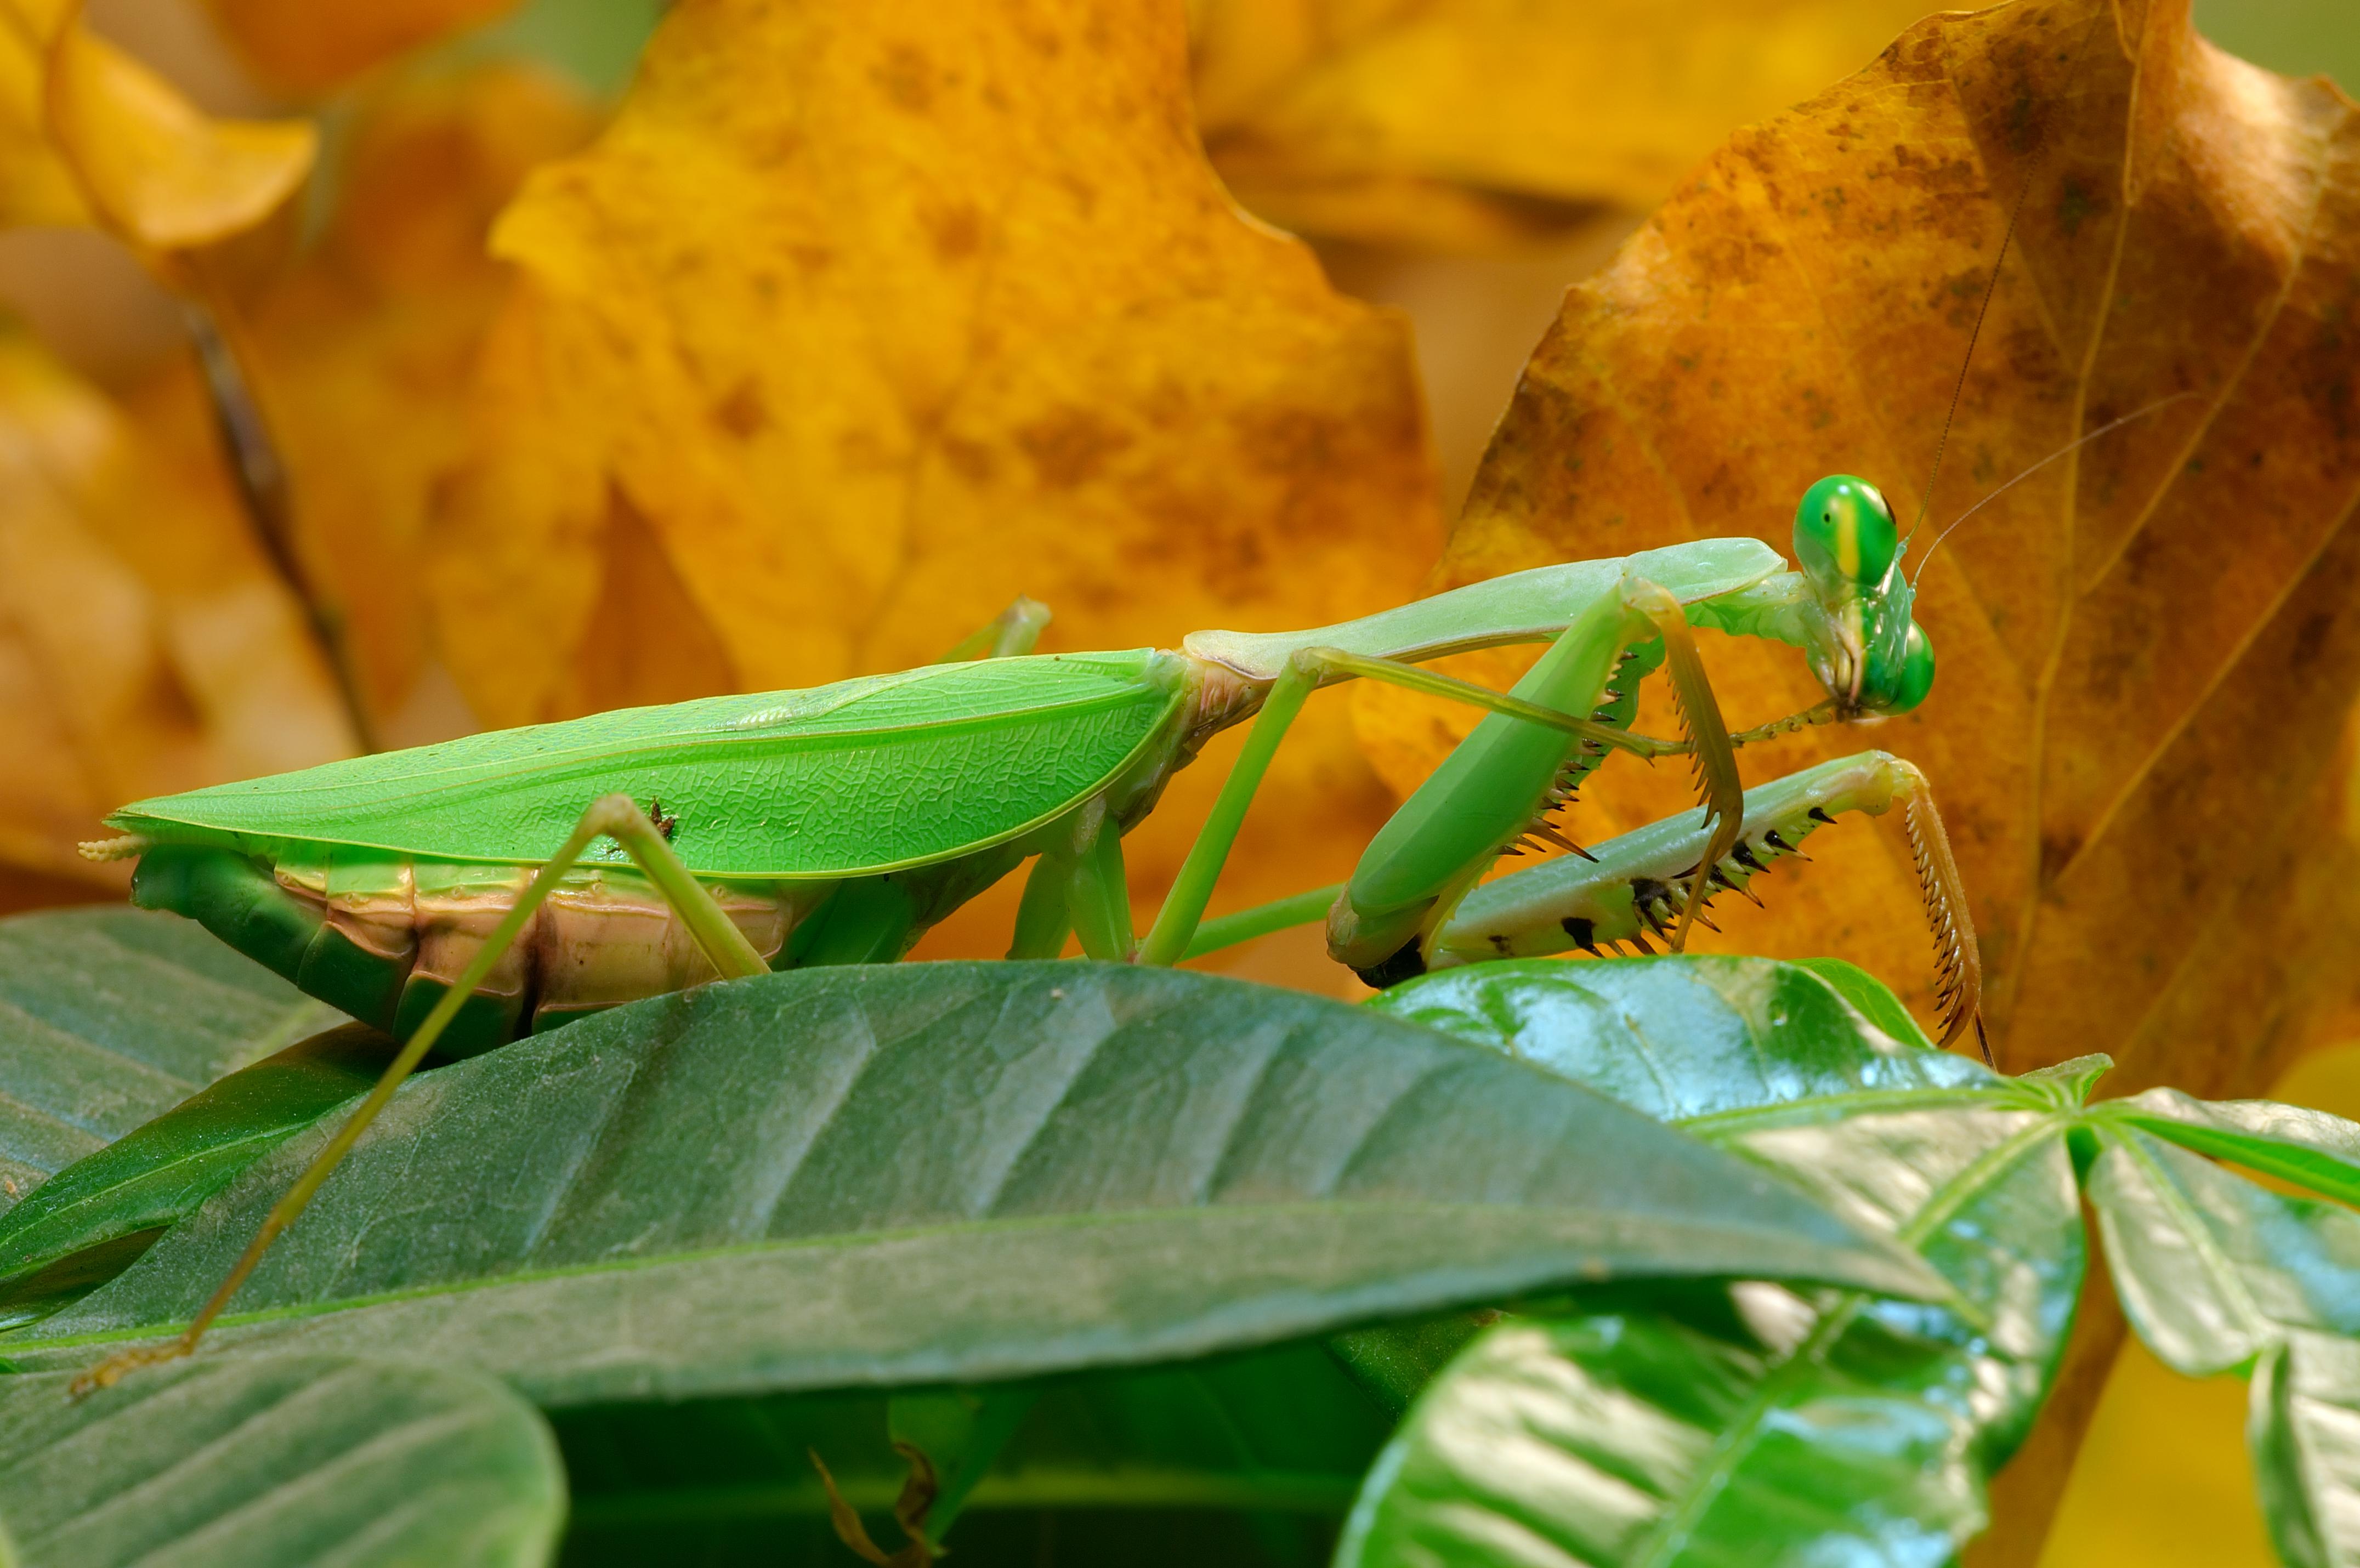 カマキリ 交尾 食べる なぜ